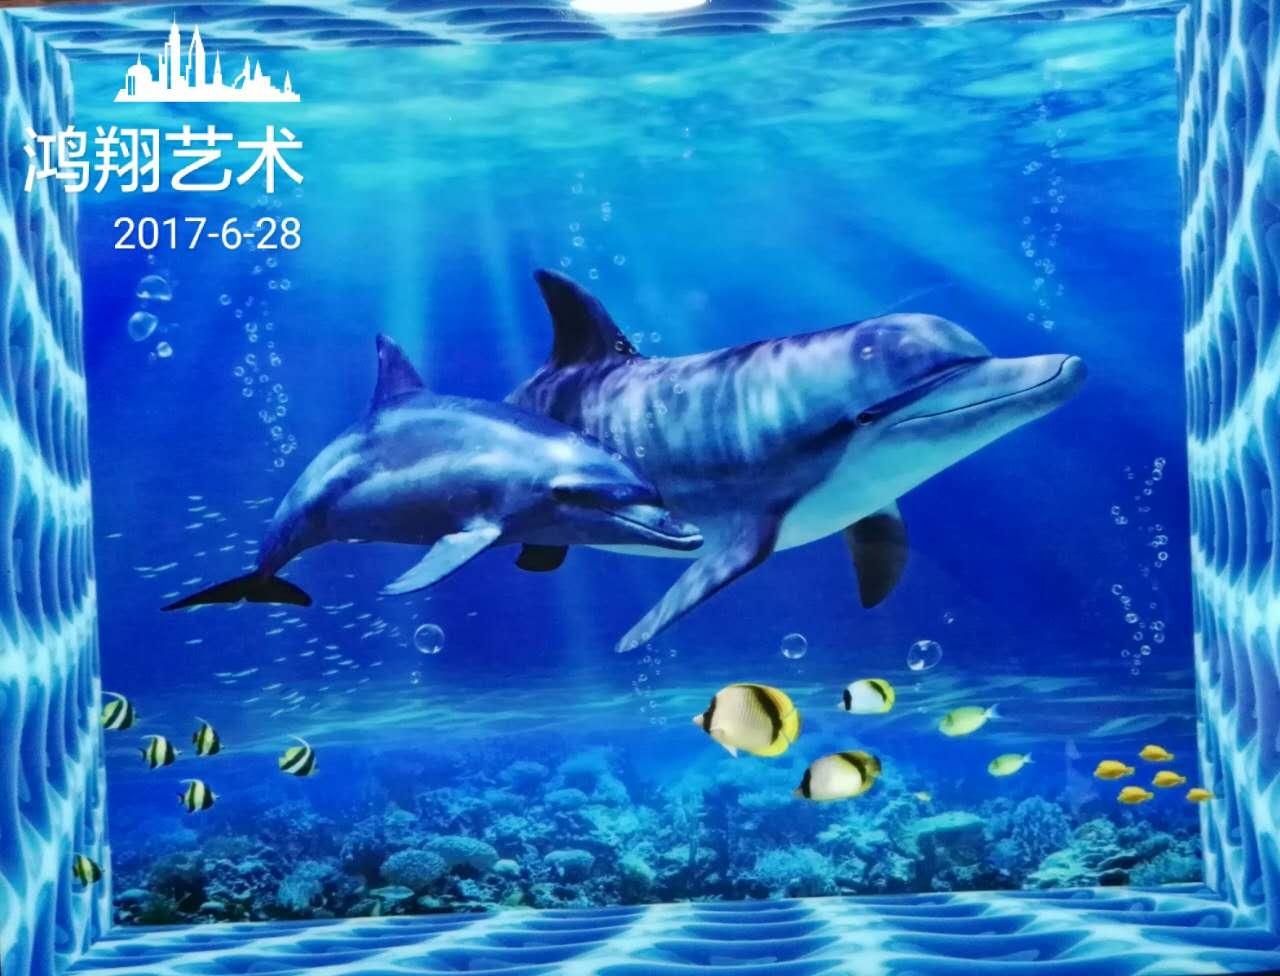 壁纸 动物 海底 海底世界 海洋馆 水族馆 鱼 鱼类 1280_976